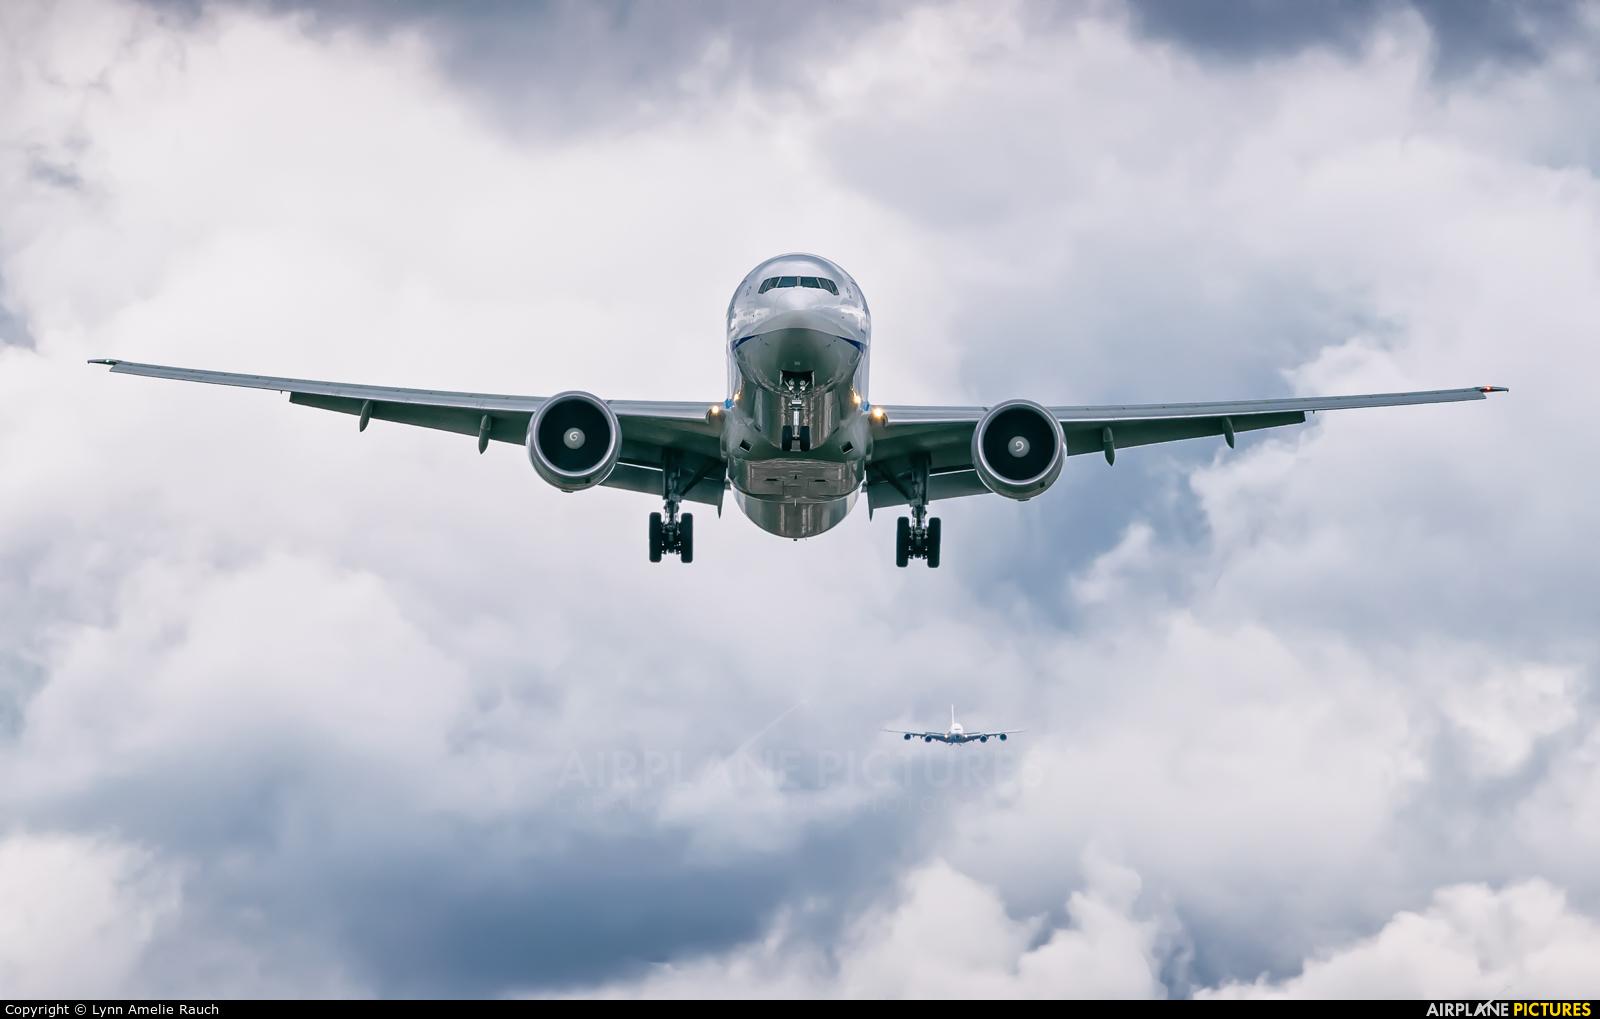 ANA - All Nippon Airways JA784A aircraft at London - Heathrow